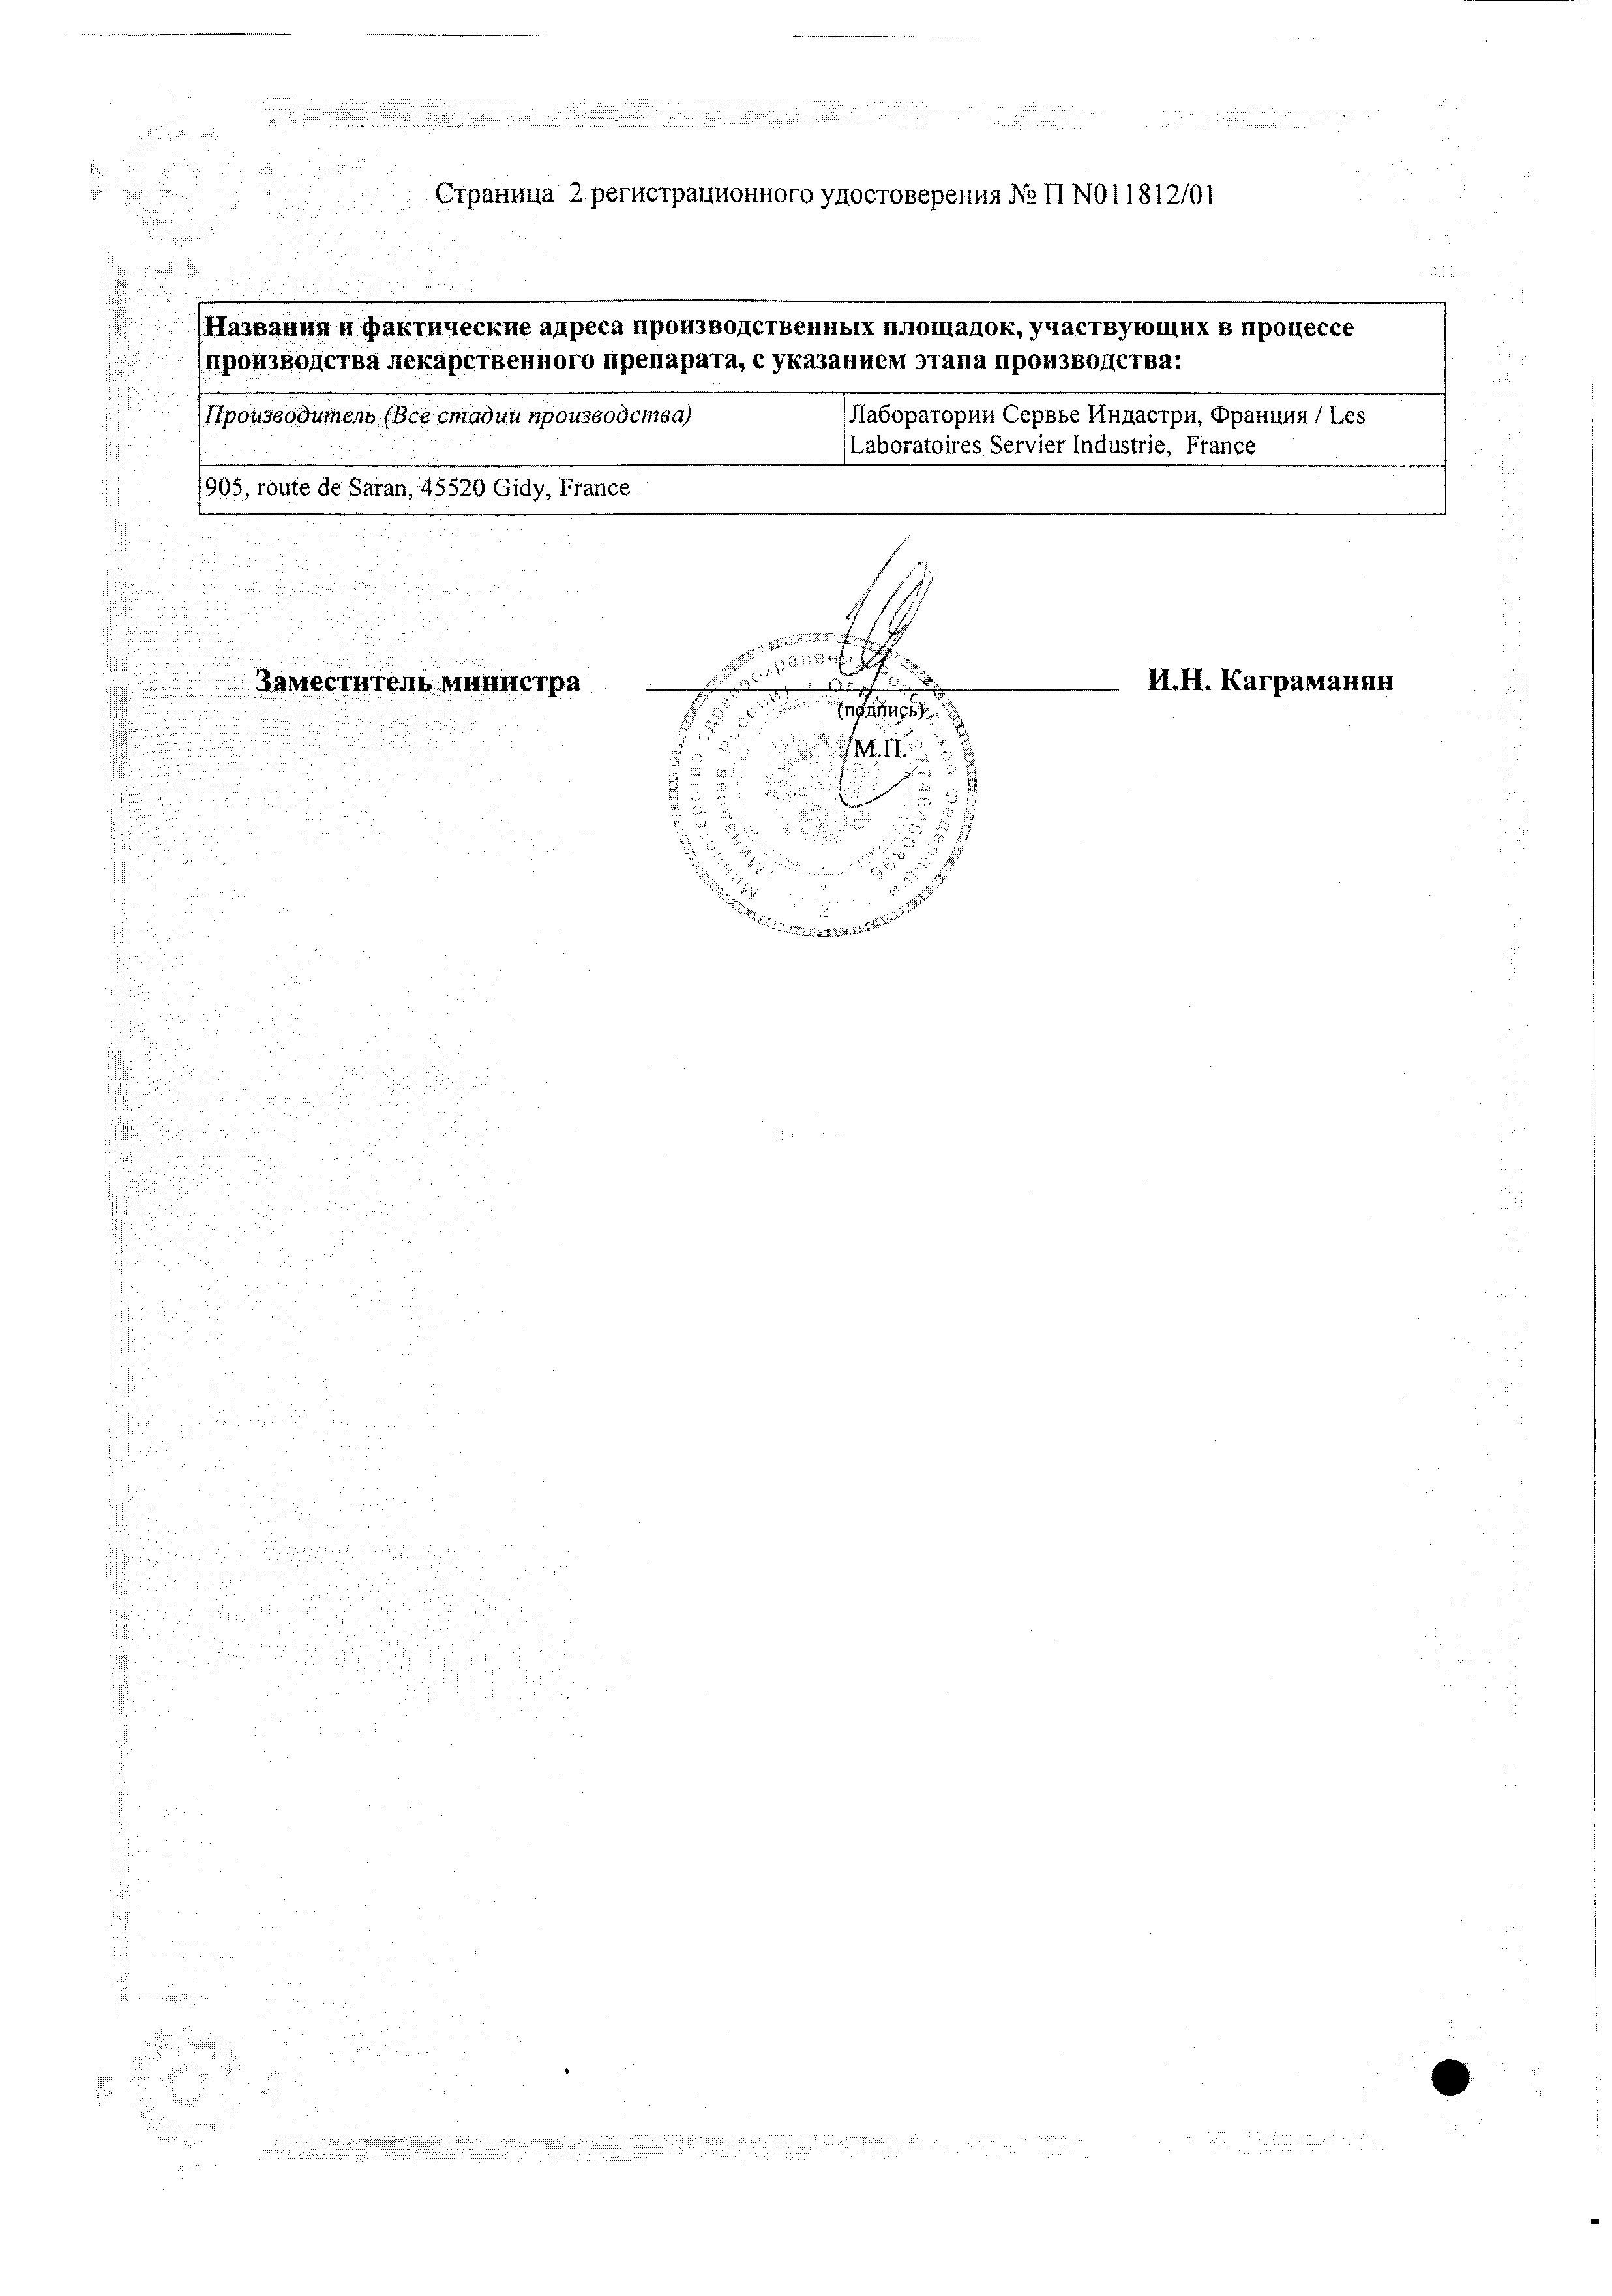 Энерион сертификат